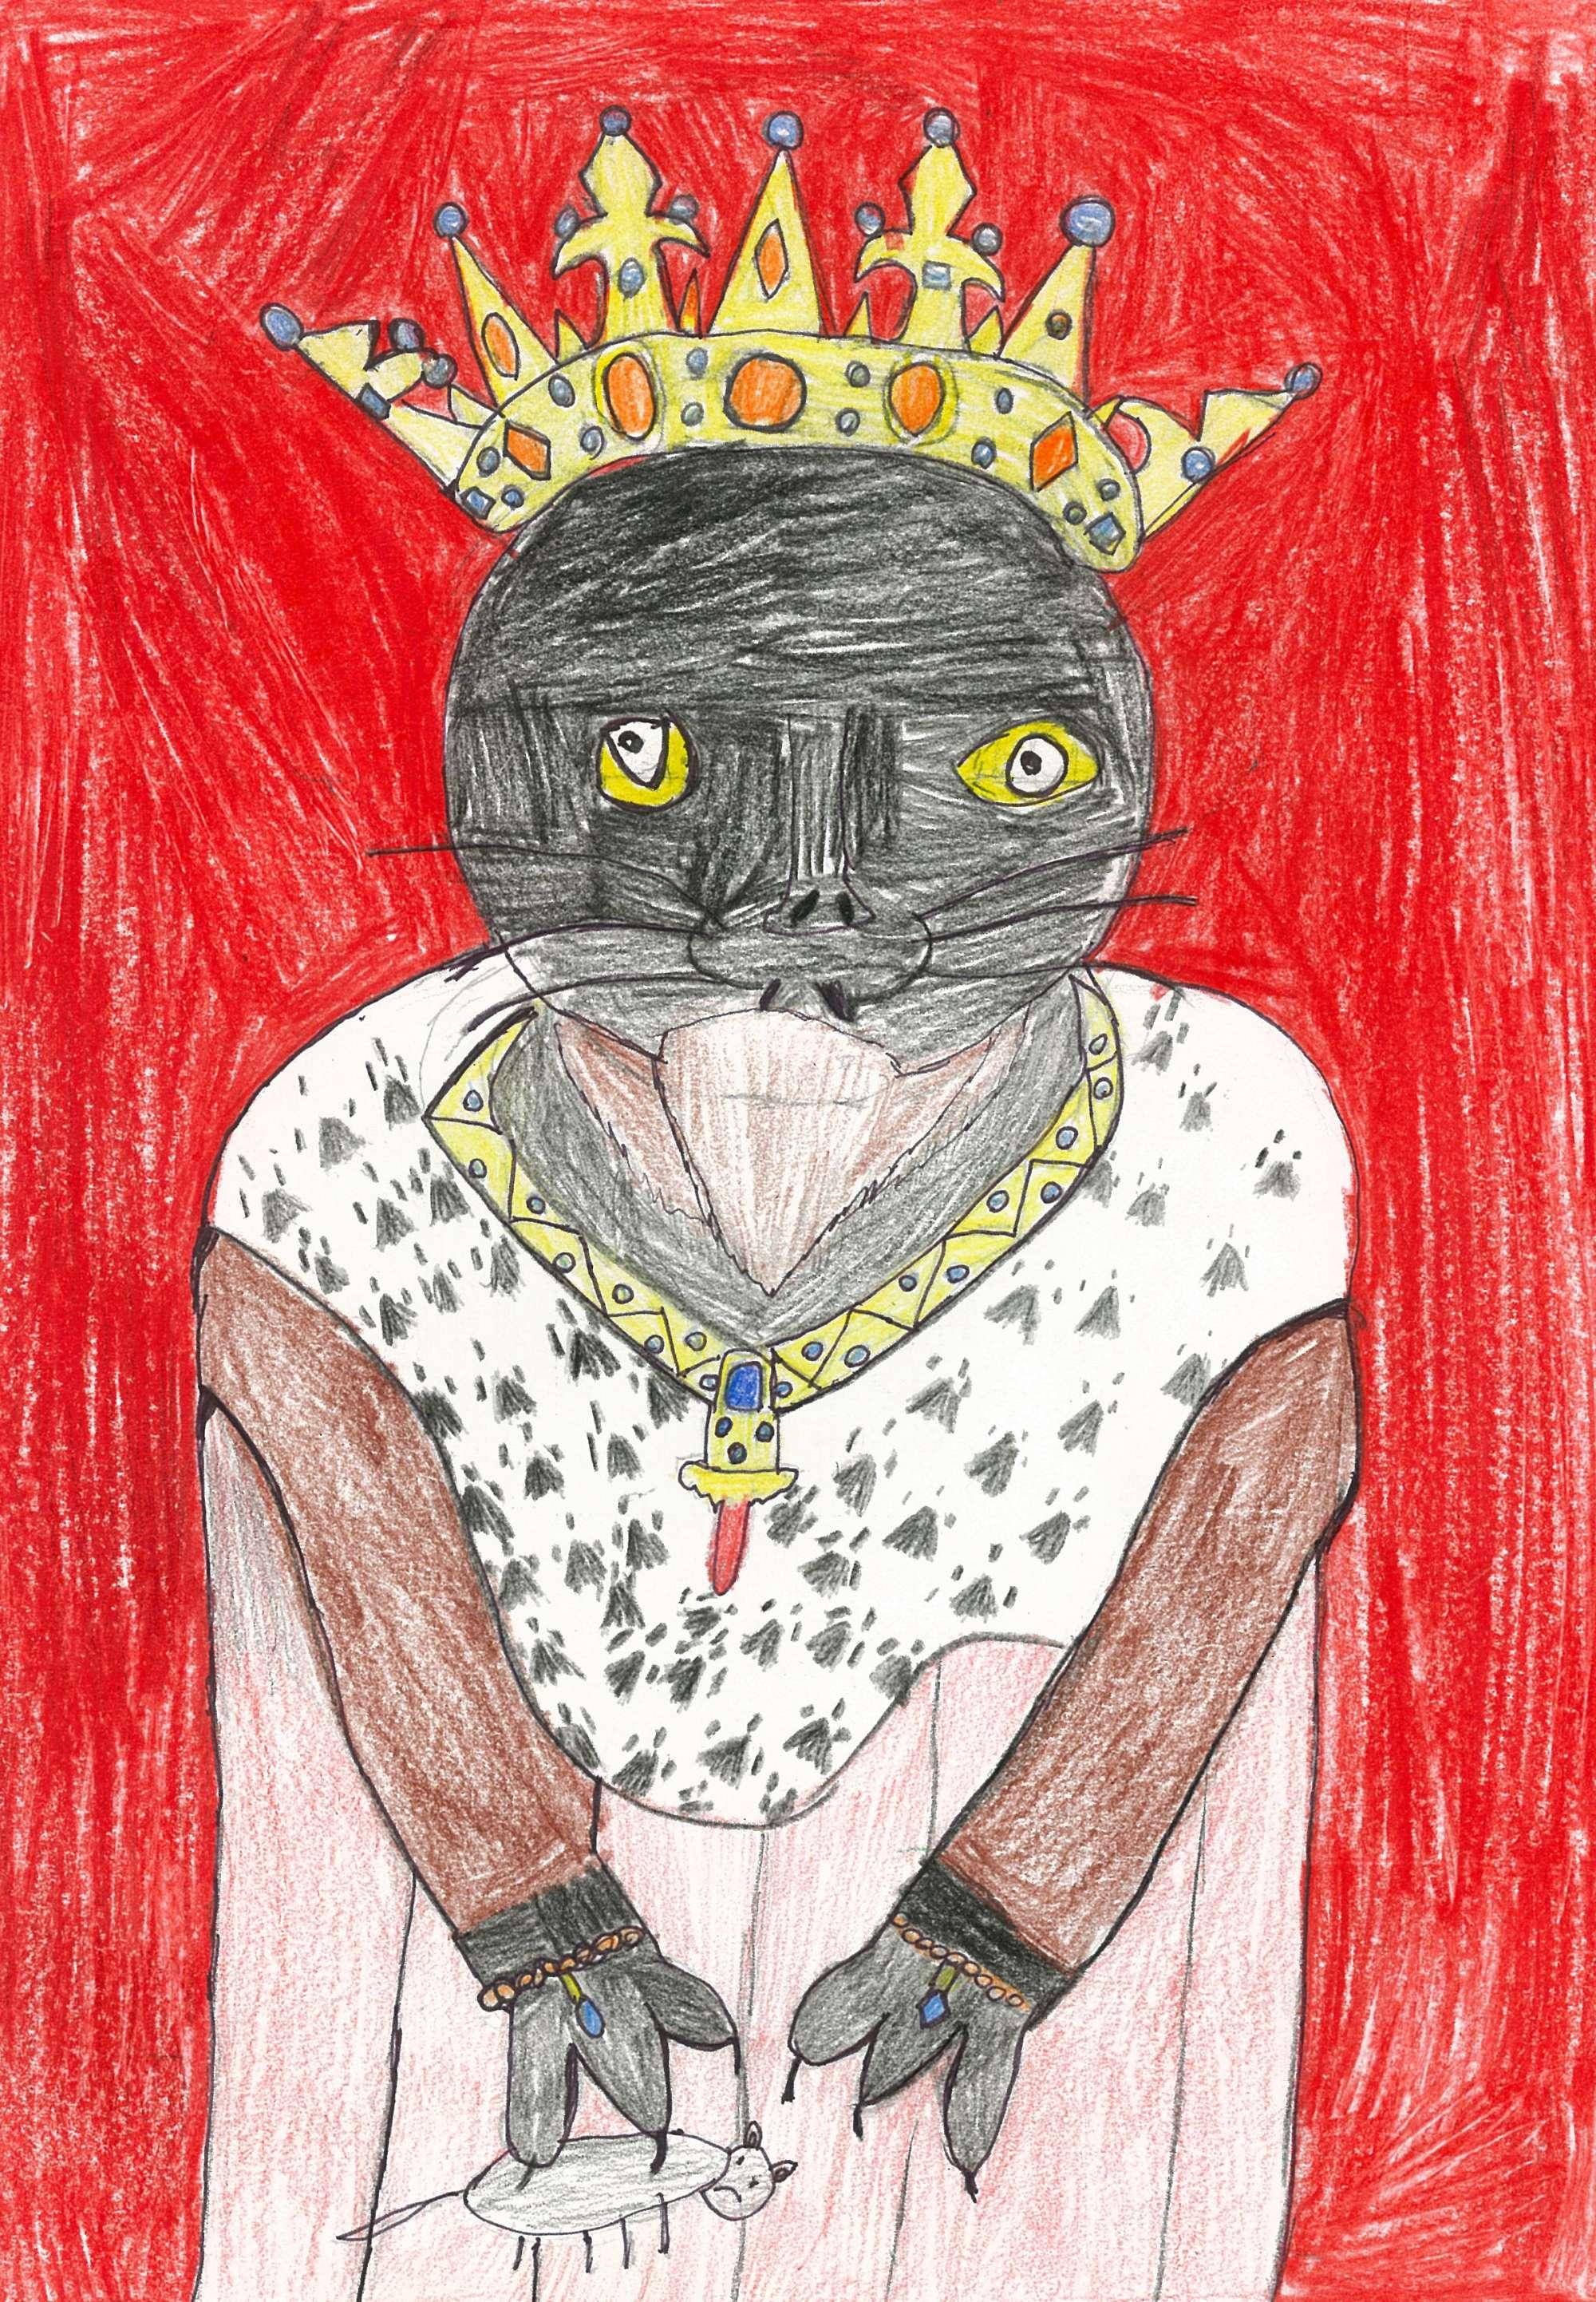 King Kittycat the Second